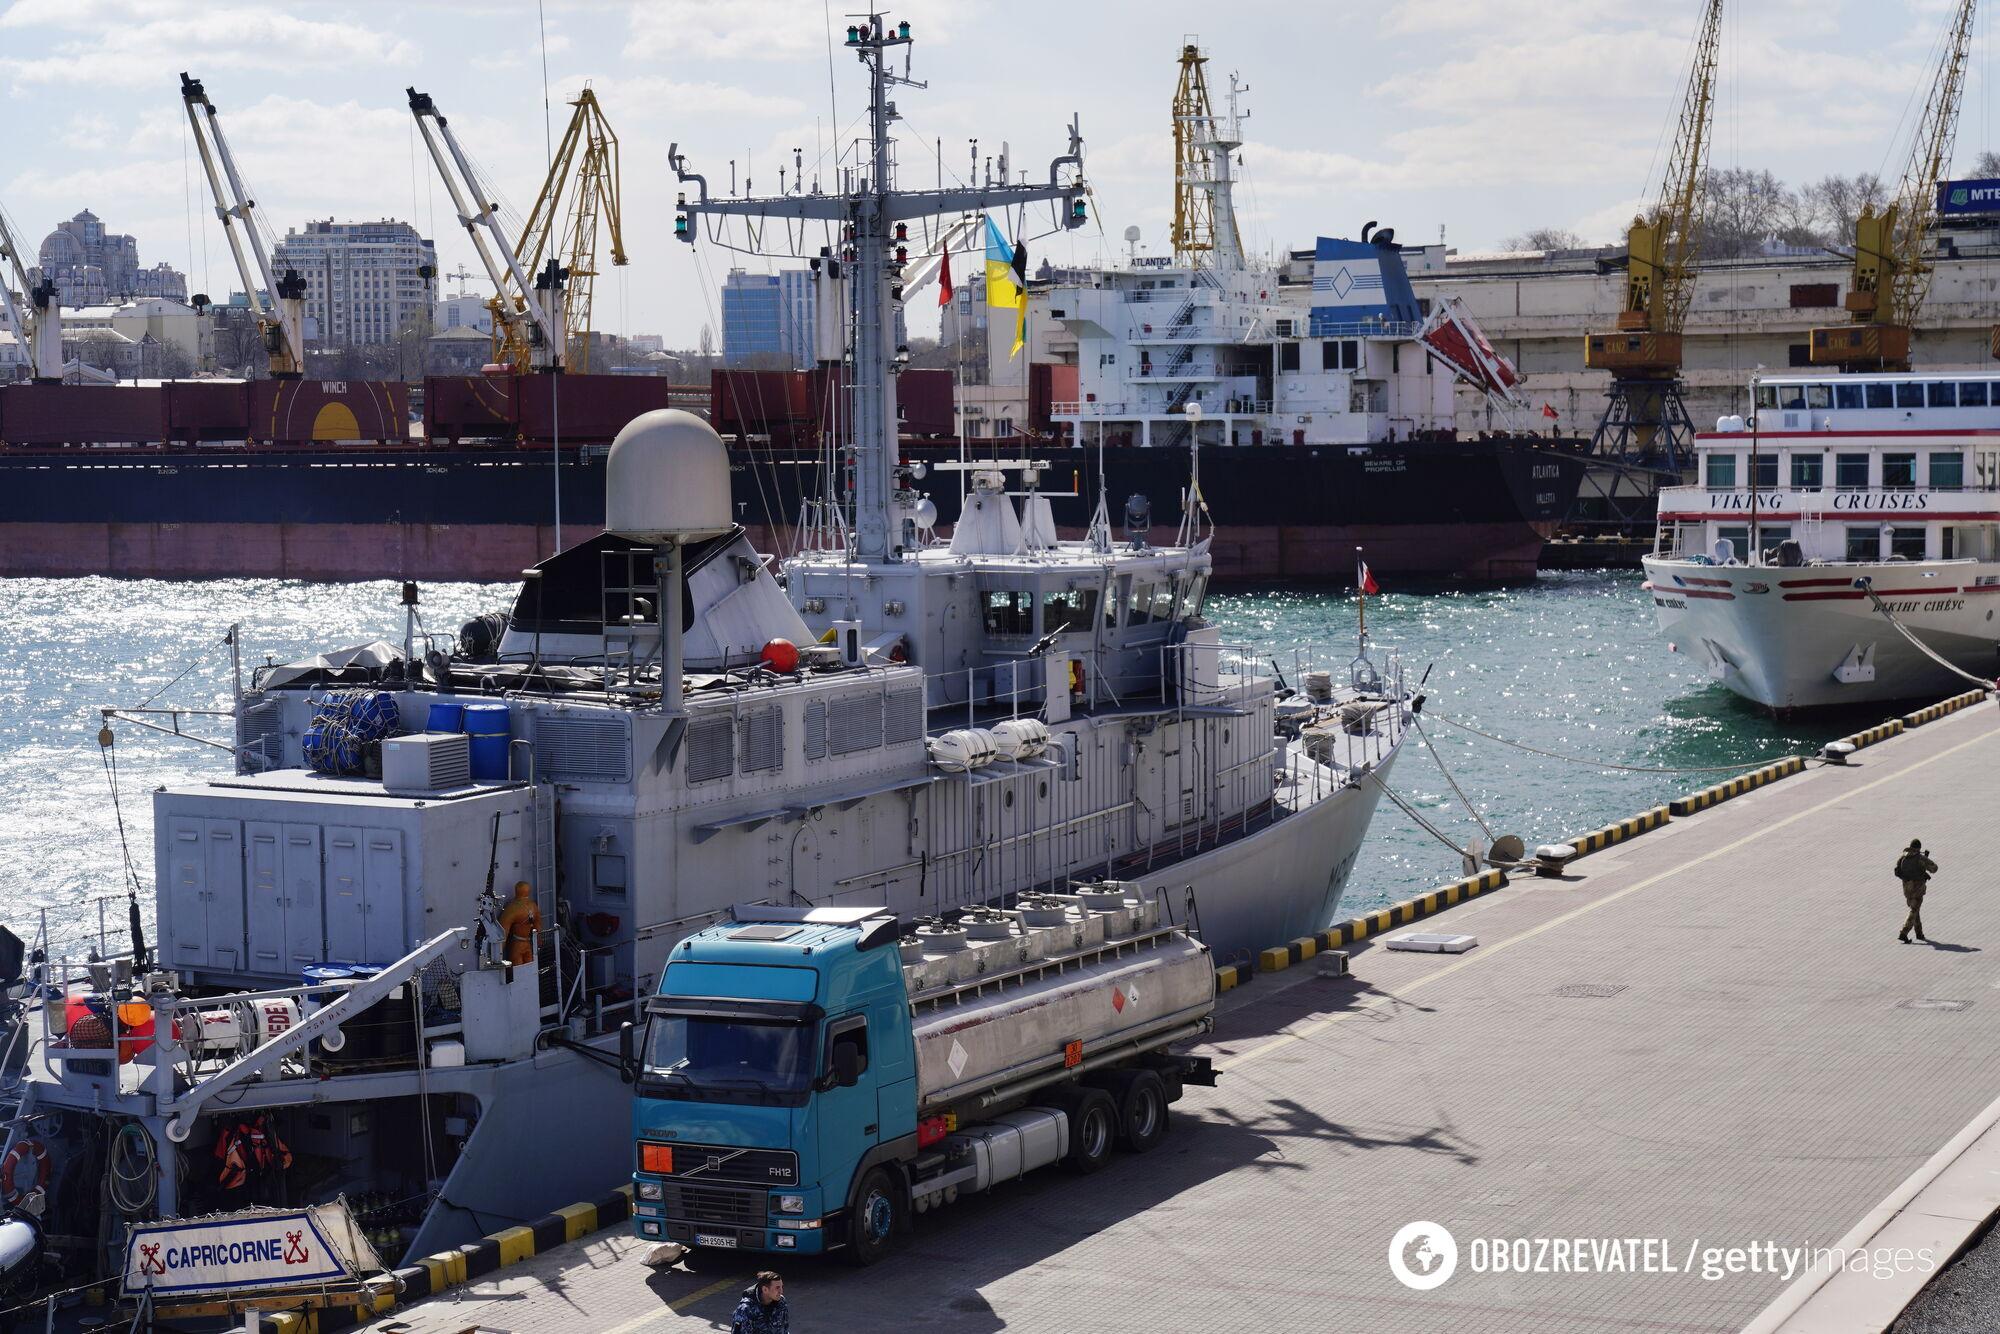 M-653 Capricorne ВМС Франции в морском порту Одессы, март 2019 года